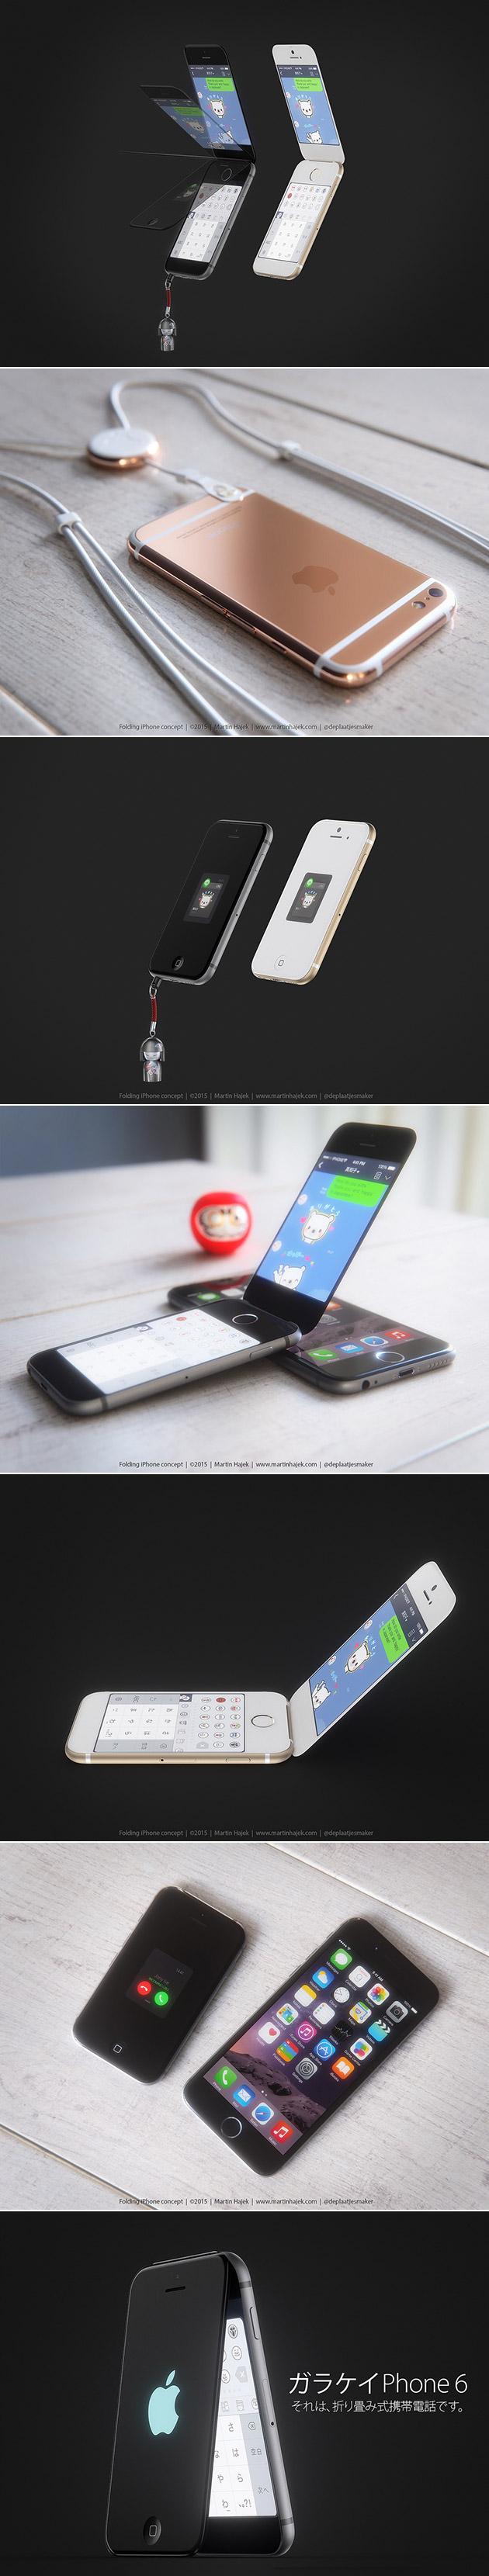 Flip iPhone